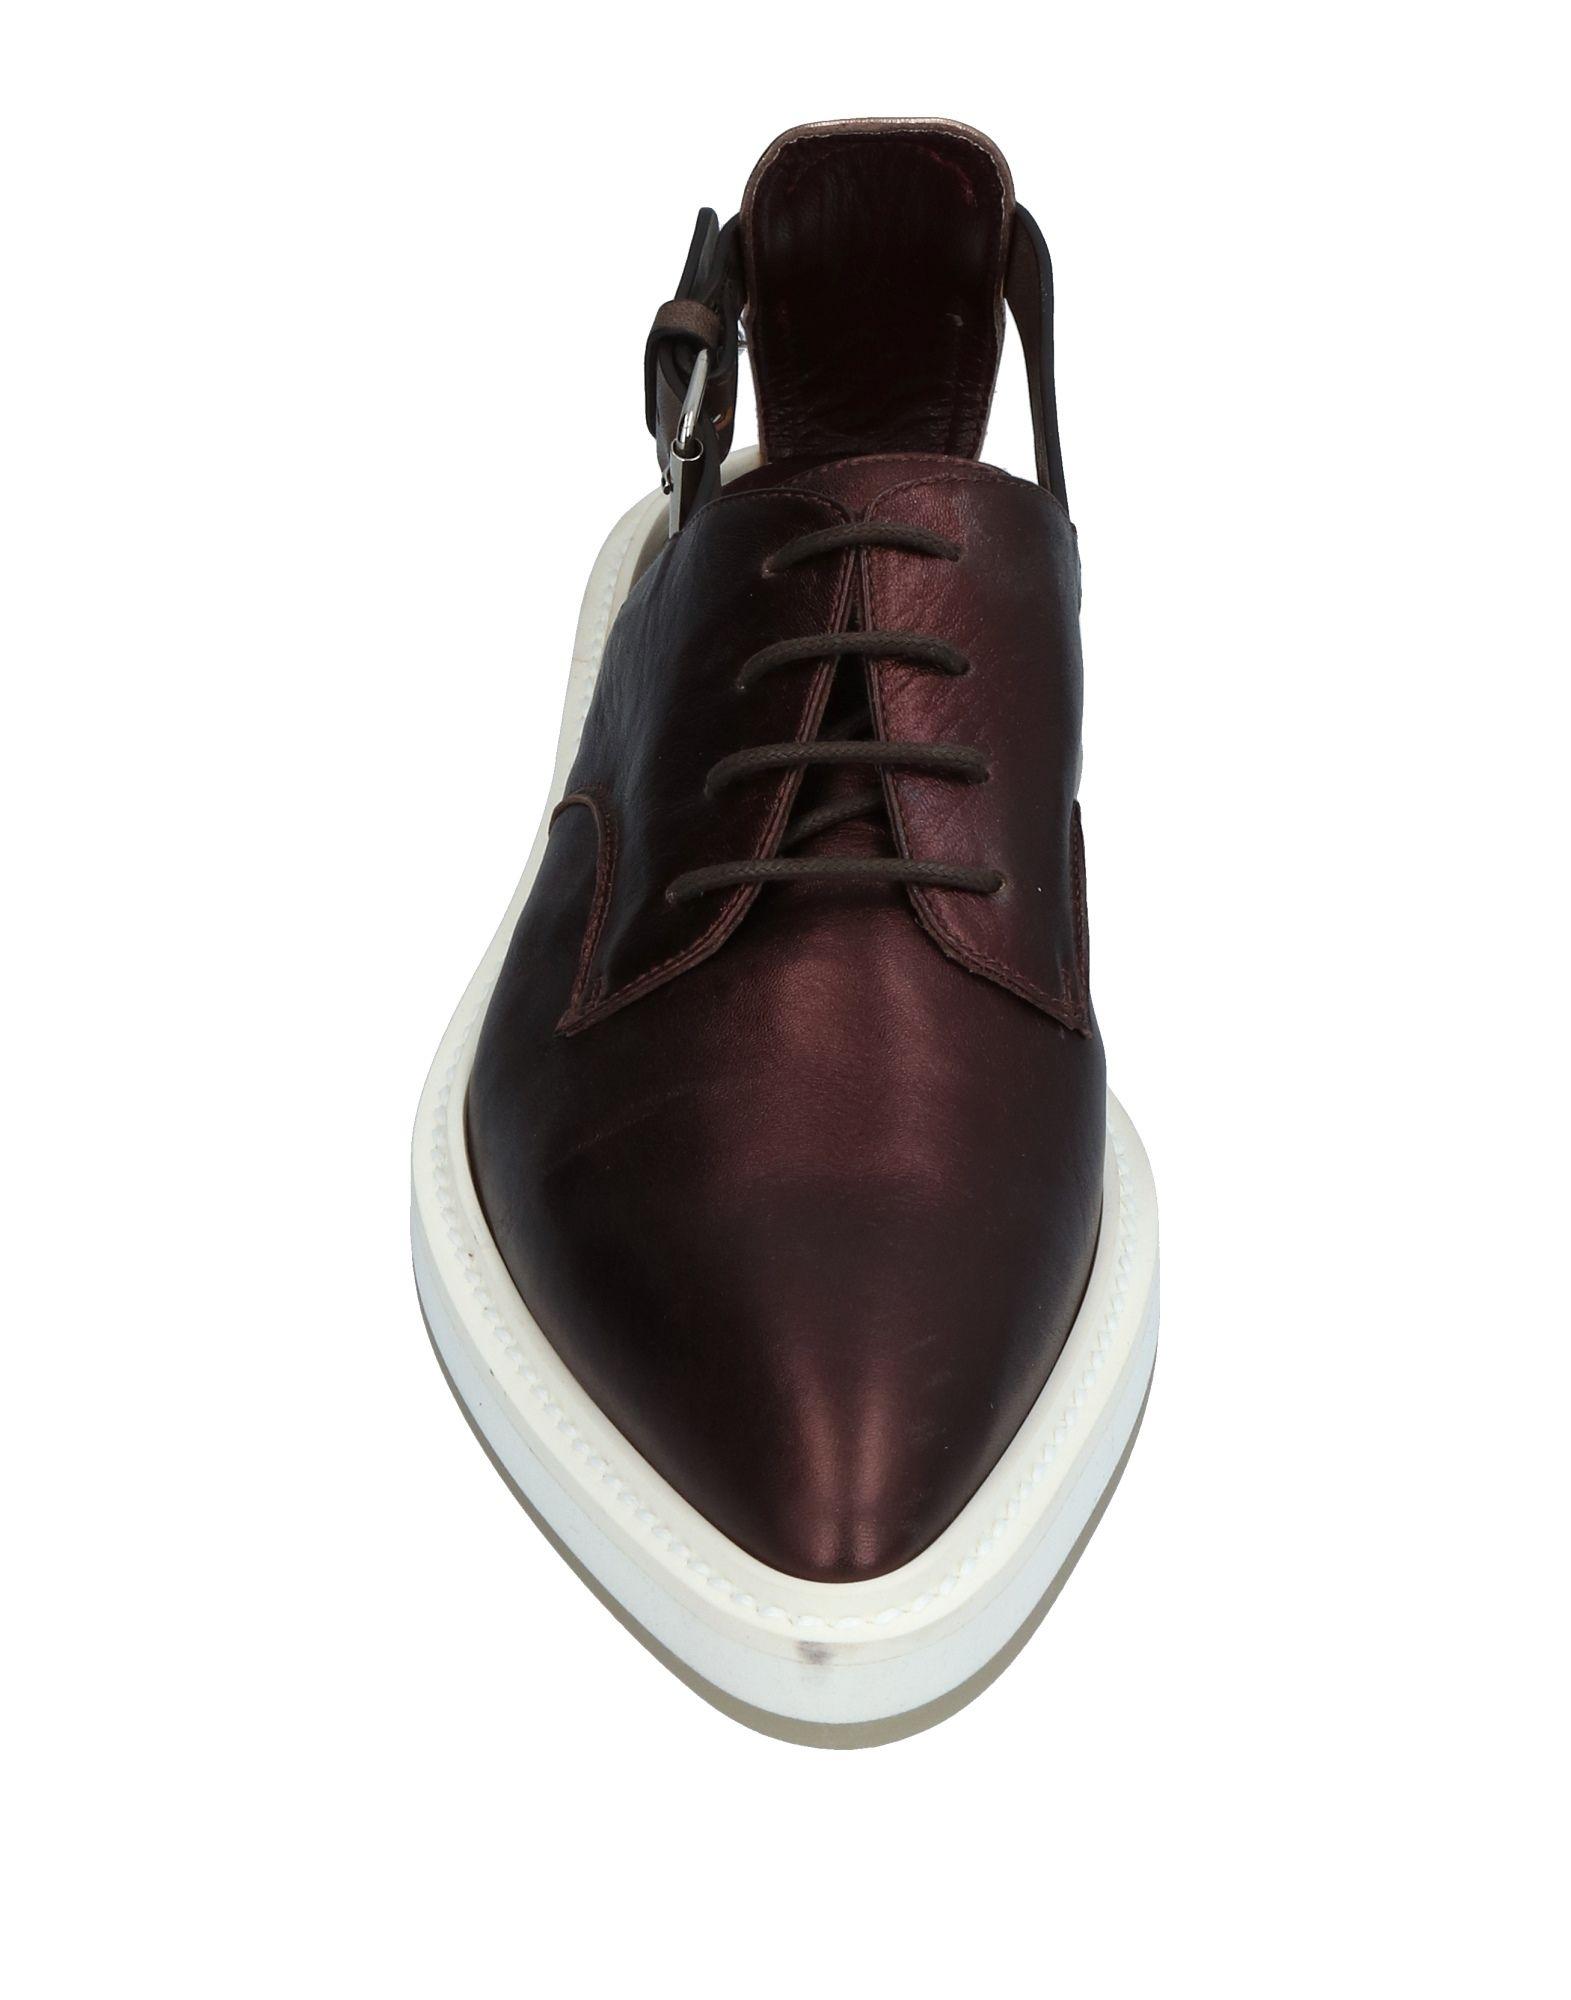 Chaussures À Lacets Antonio Marras Femme - Chaussures À Lacets Antonio Marras sur